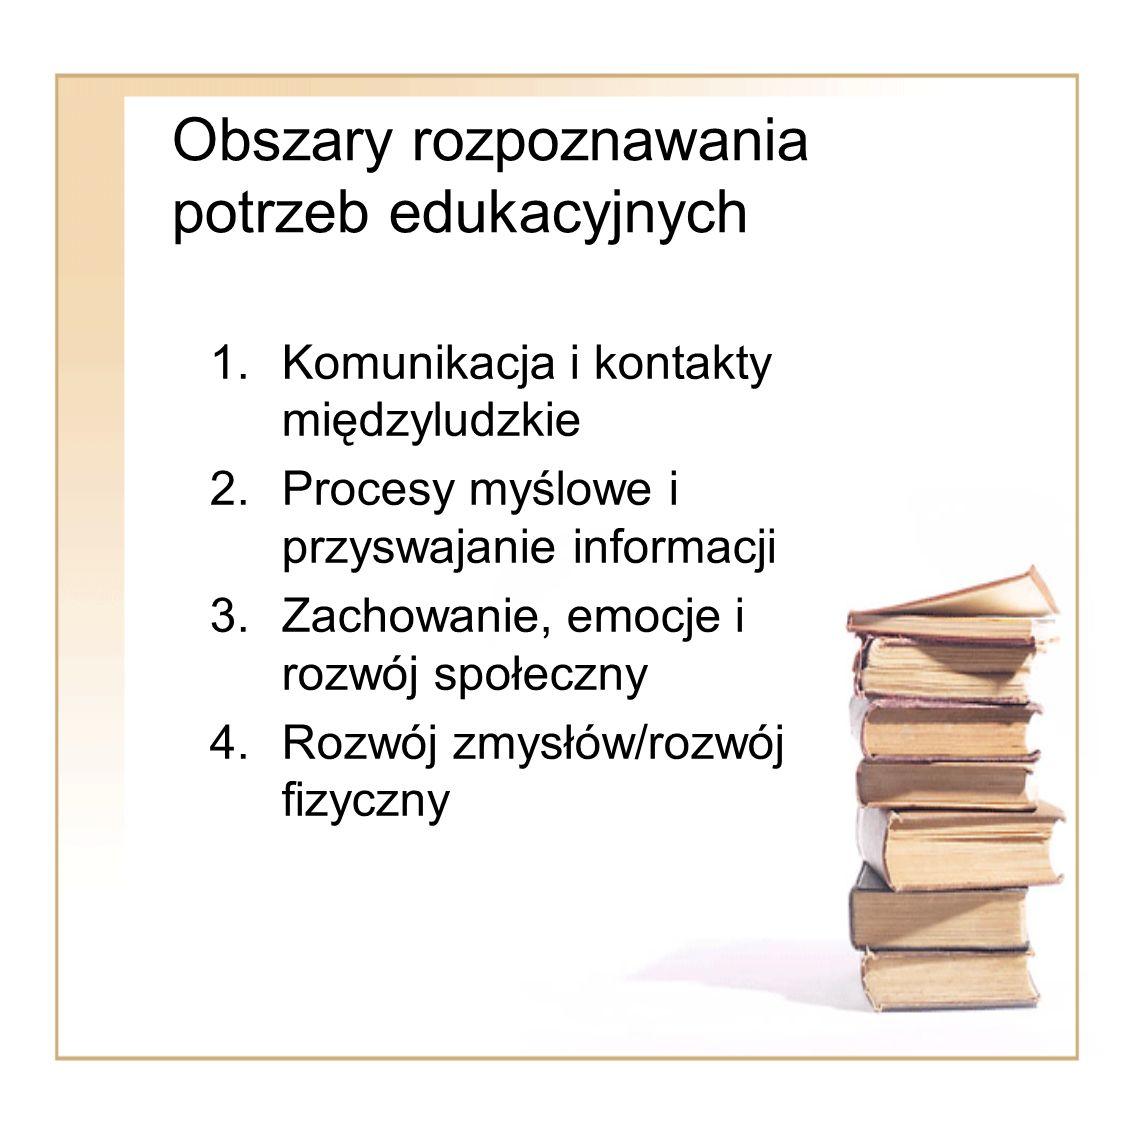 Obszary rozpoznawania potrzeb edukacyjnych 1.Komunikacja i kontakty międzyludzkie 2.Procesy myślowe i przyswajanie informacji 3.Zachowanie, emocje i r